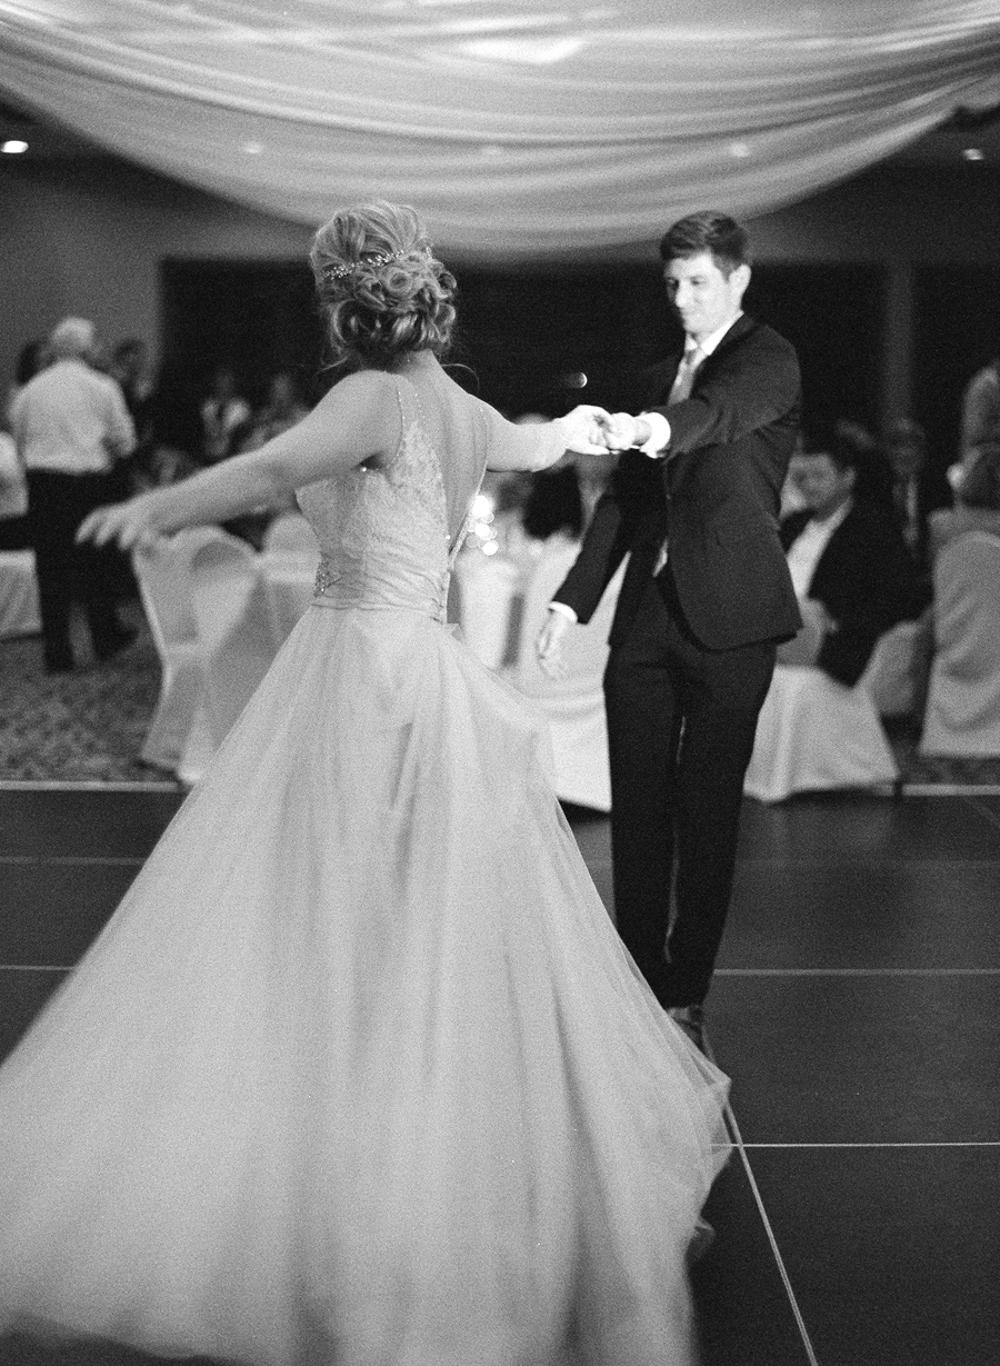 Troy_Burne_Golf_Club_Wedding_Photographer_57.jpg